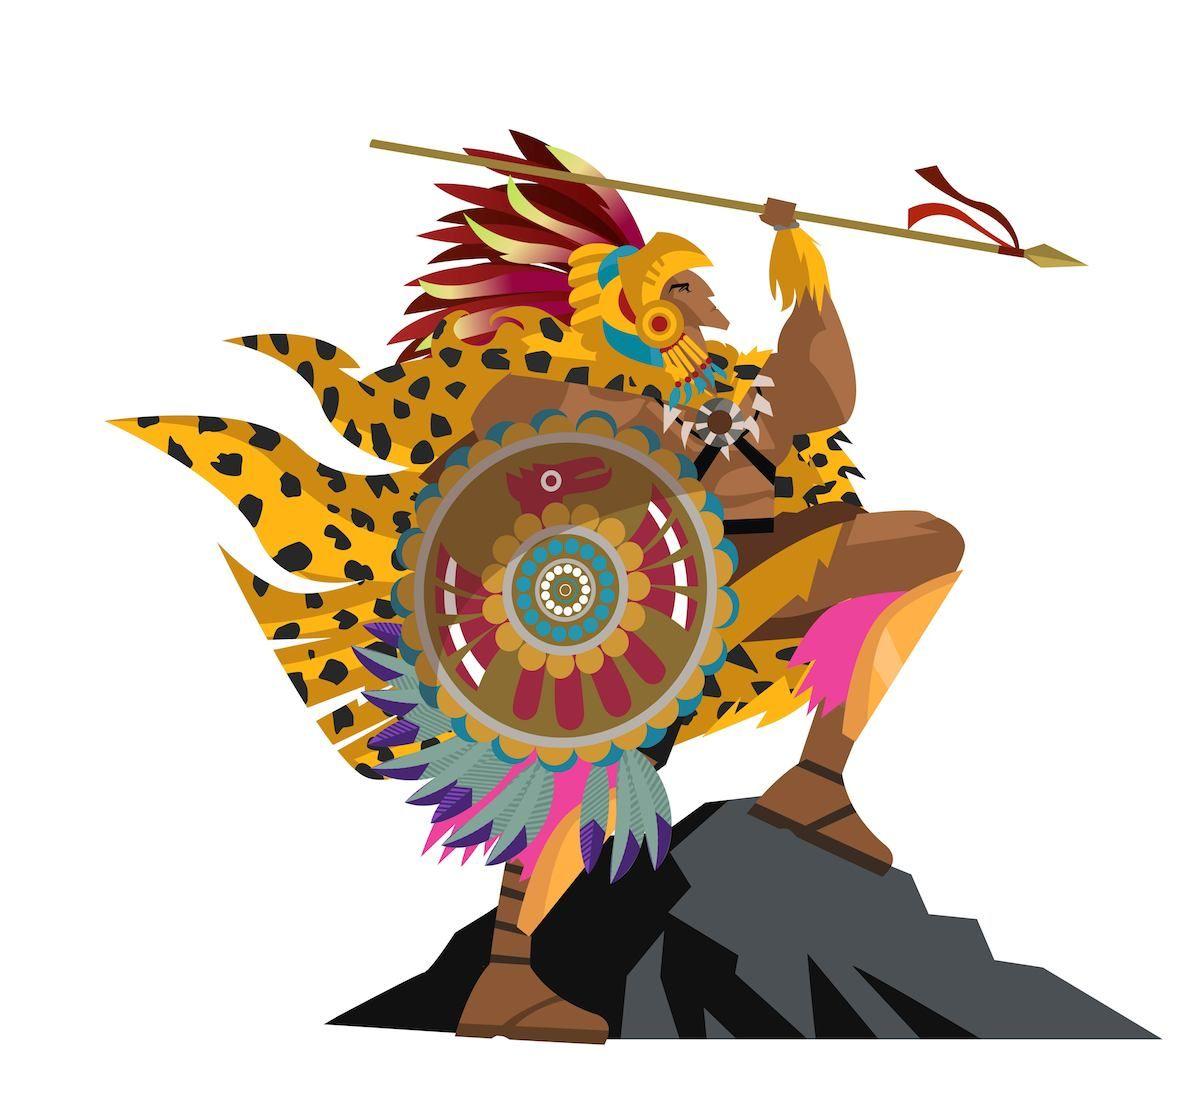 Te Mostramos Las Armas Más Poderosas De Los Guerreros Mexica